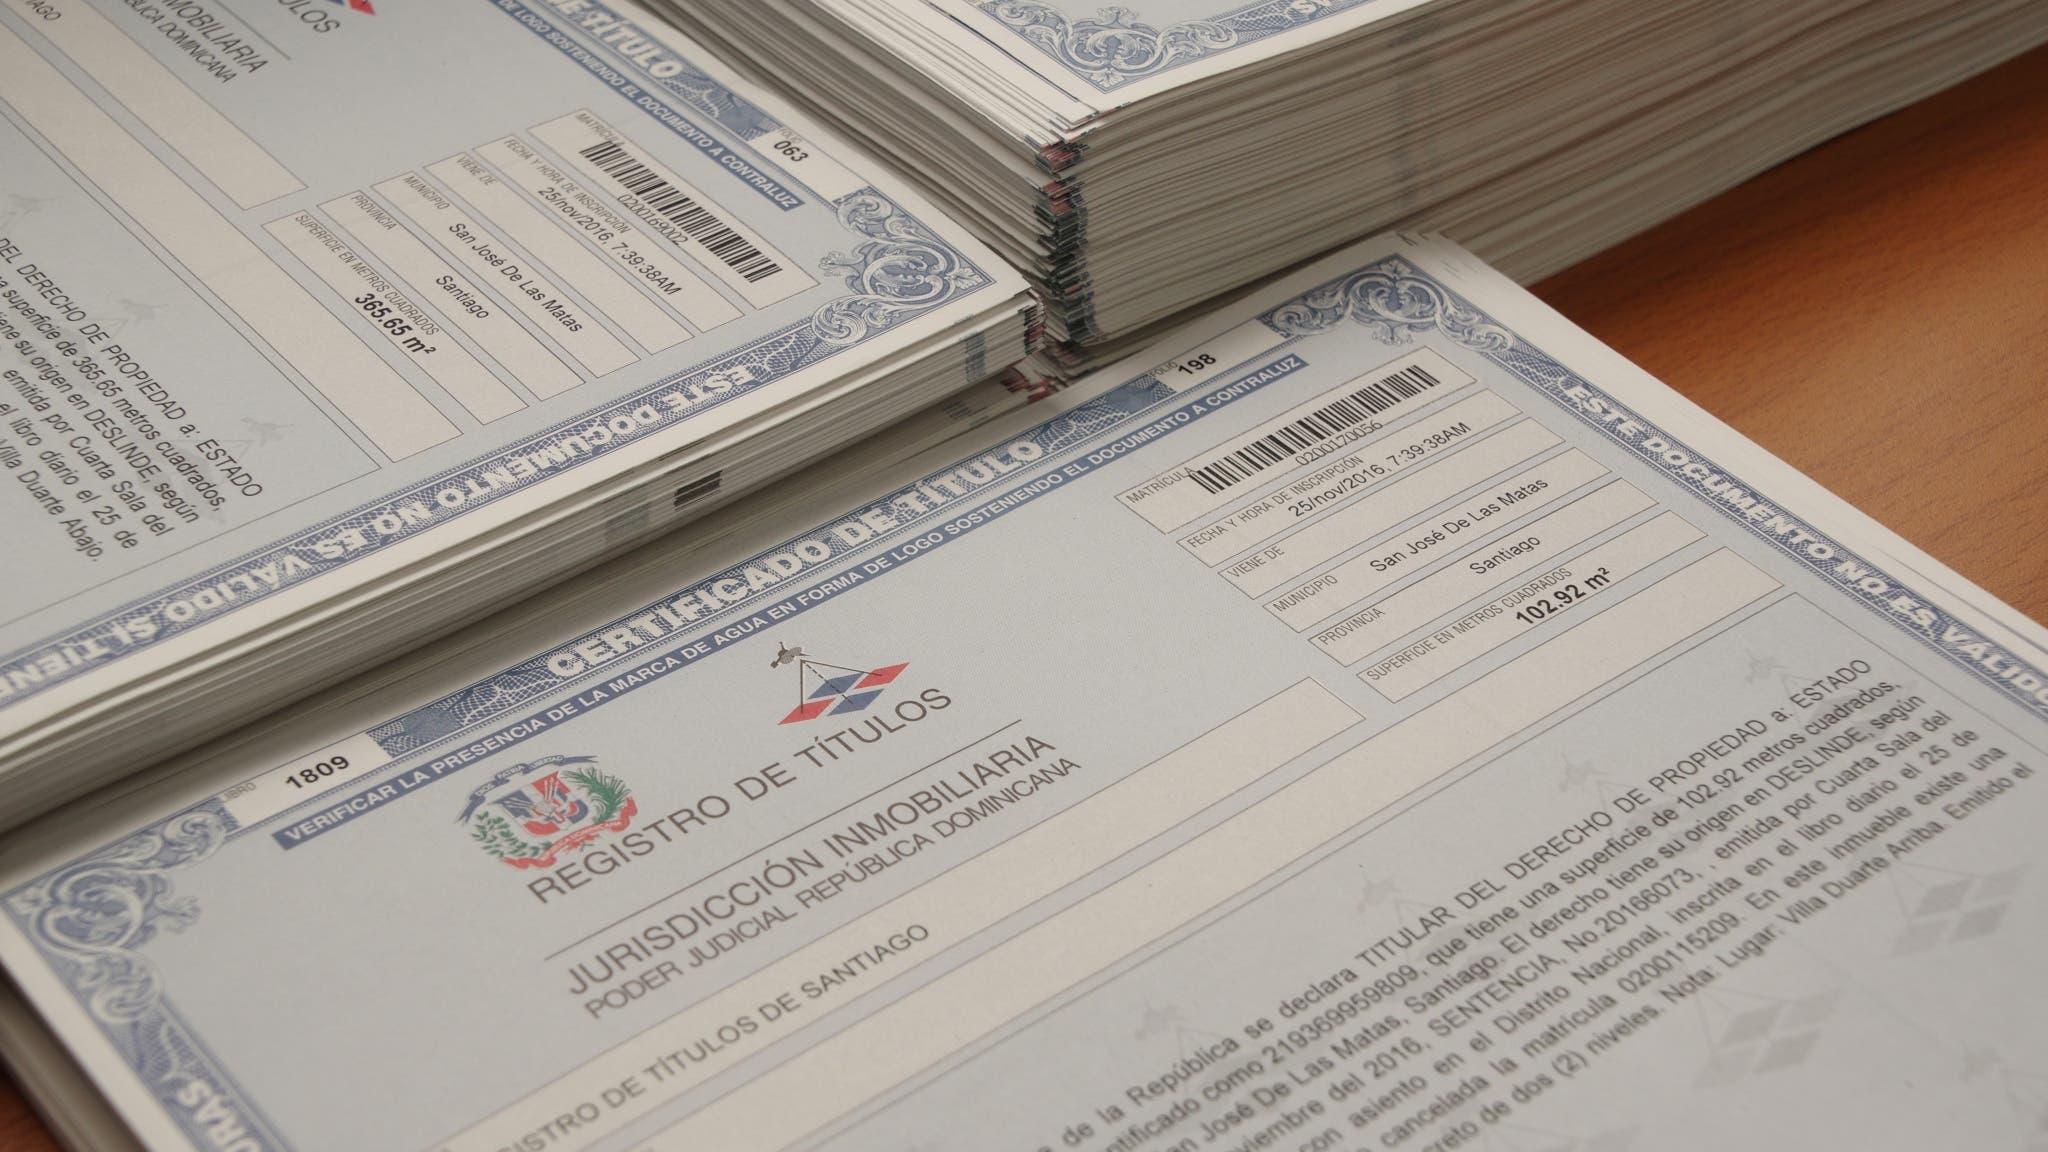 Comisión de Titulación recibe títulos definitivos para familias San José de las Matas